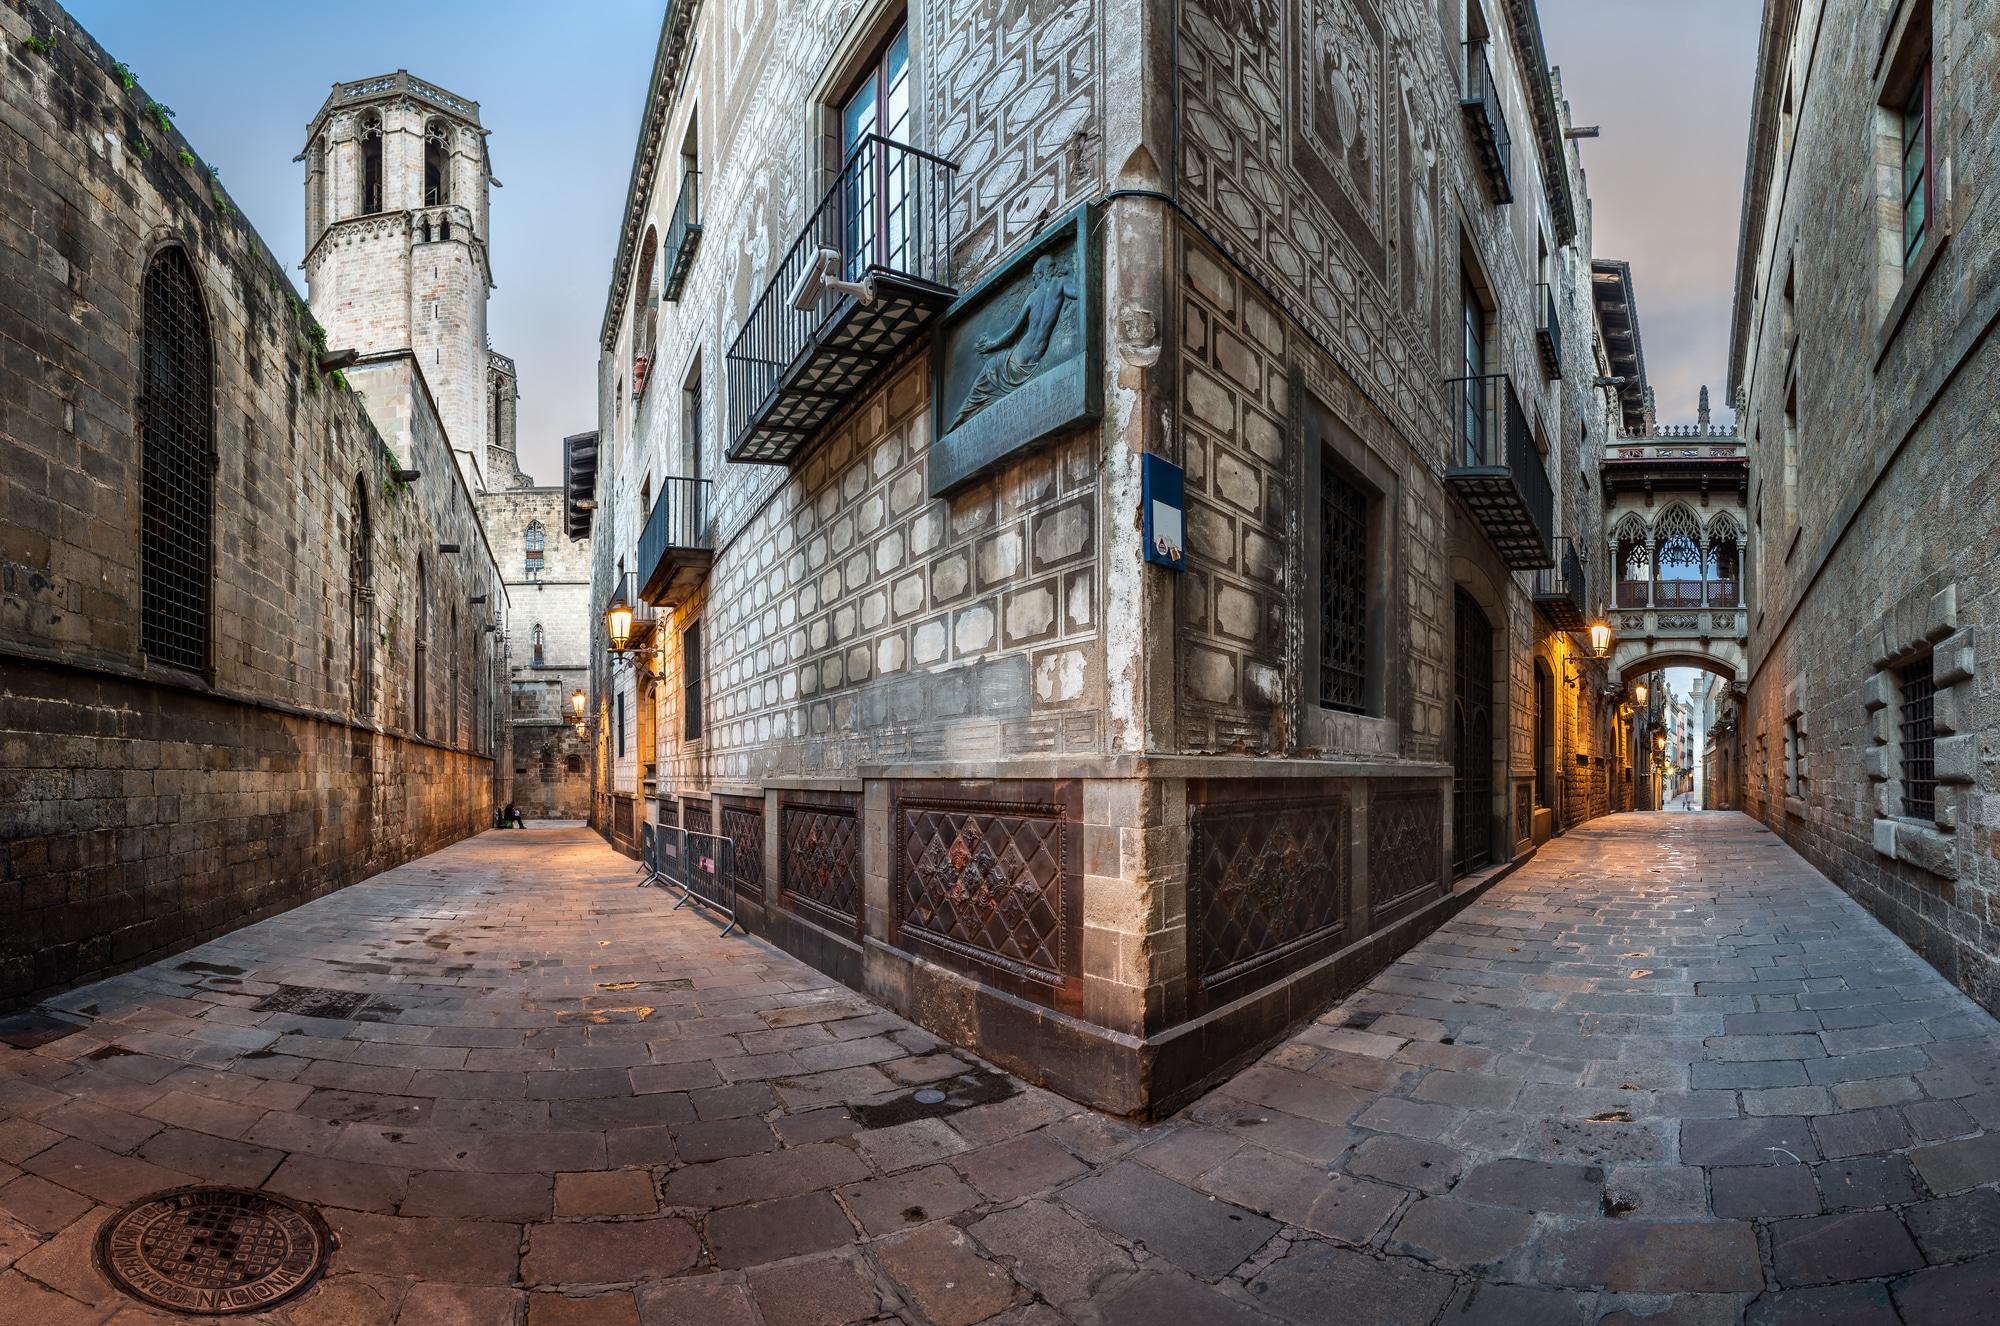 Calles en el barrio Gótico de Barcelona